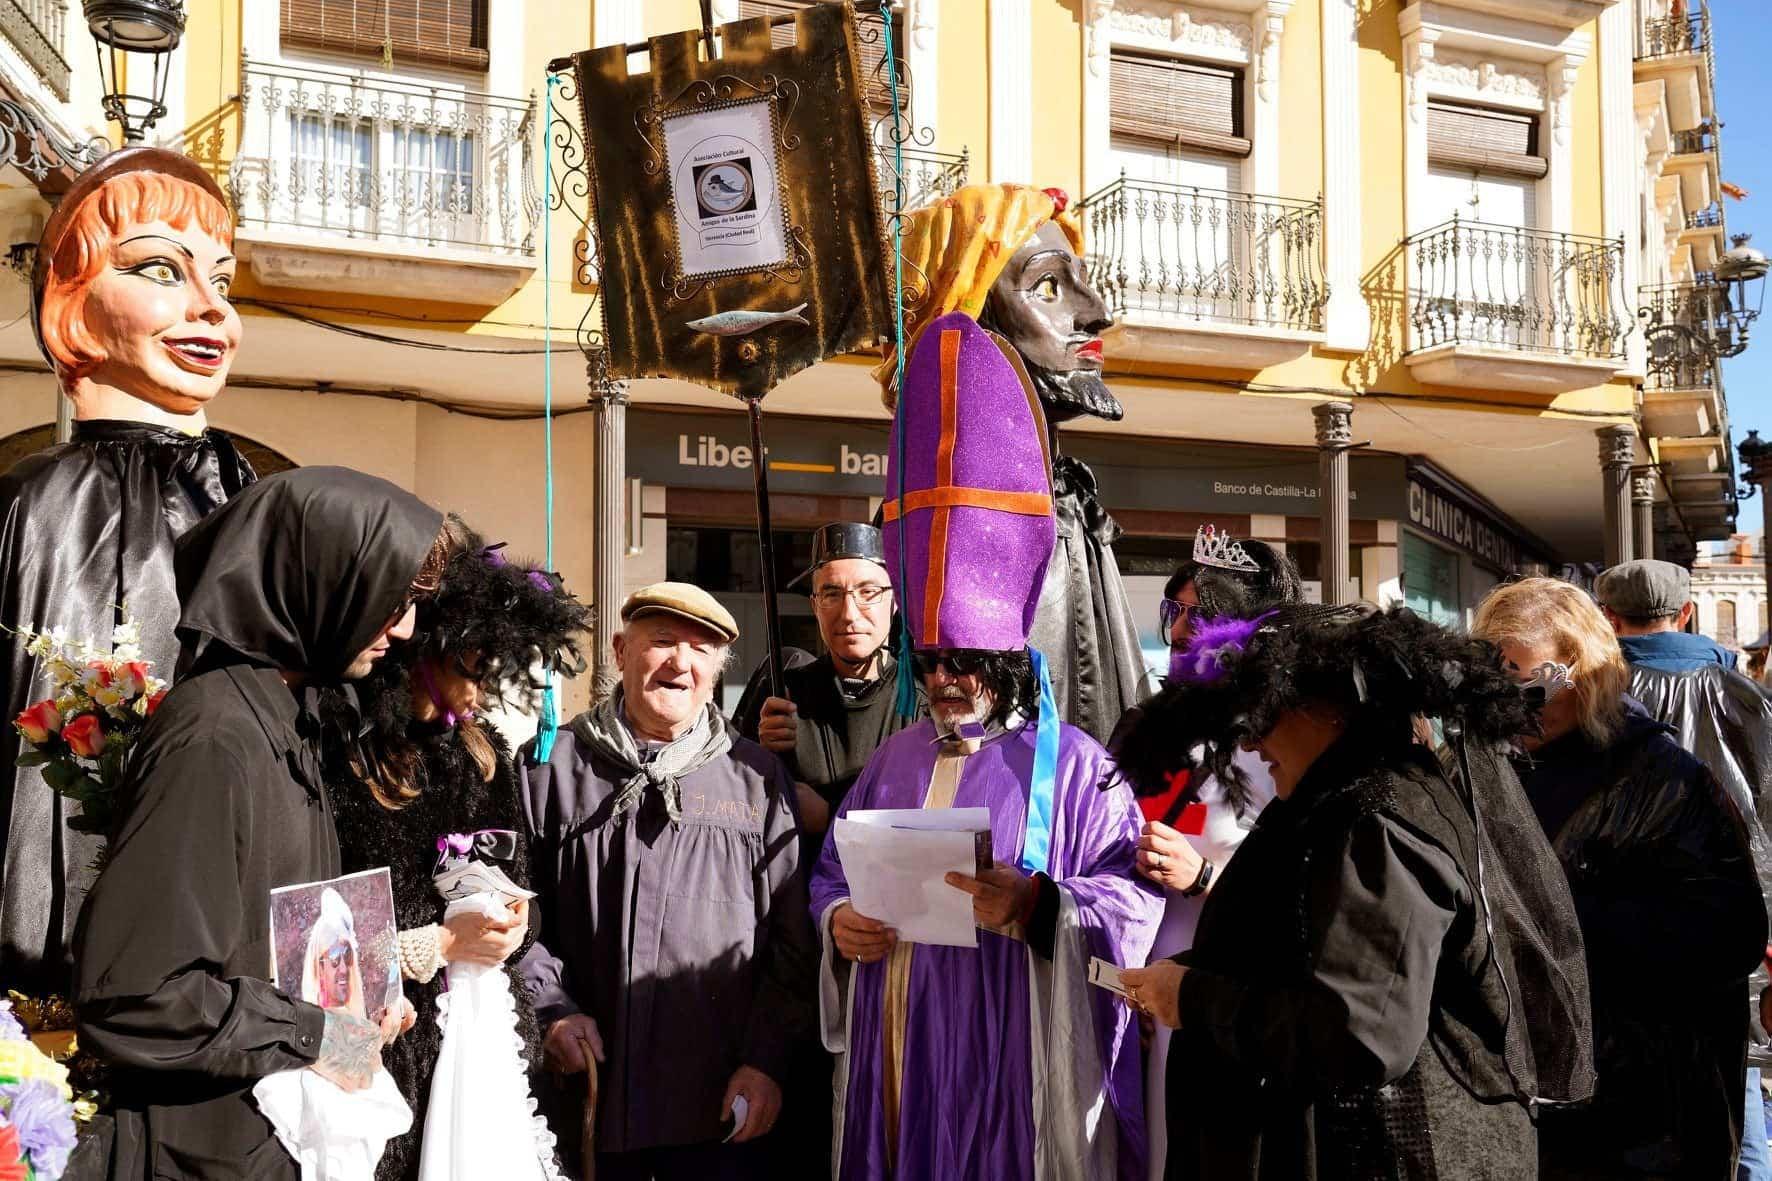 Carnaval de Herencia 2020 entierro sardina 10 - El Entierro de la Sardina 2020 del Carnaval de Herencia